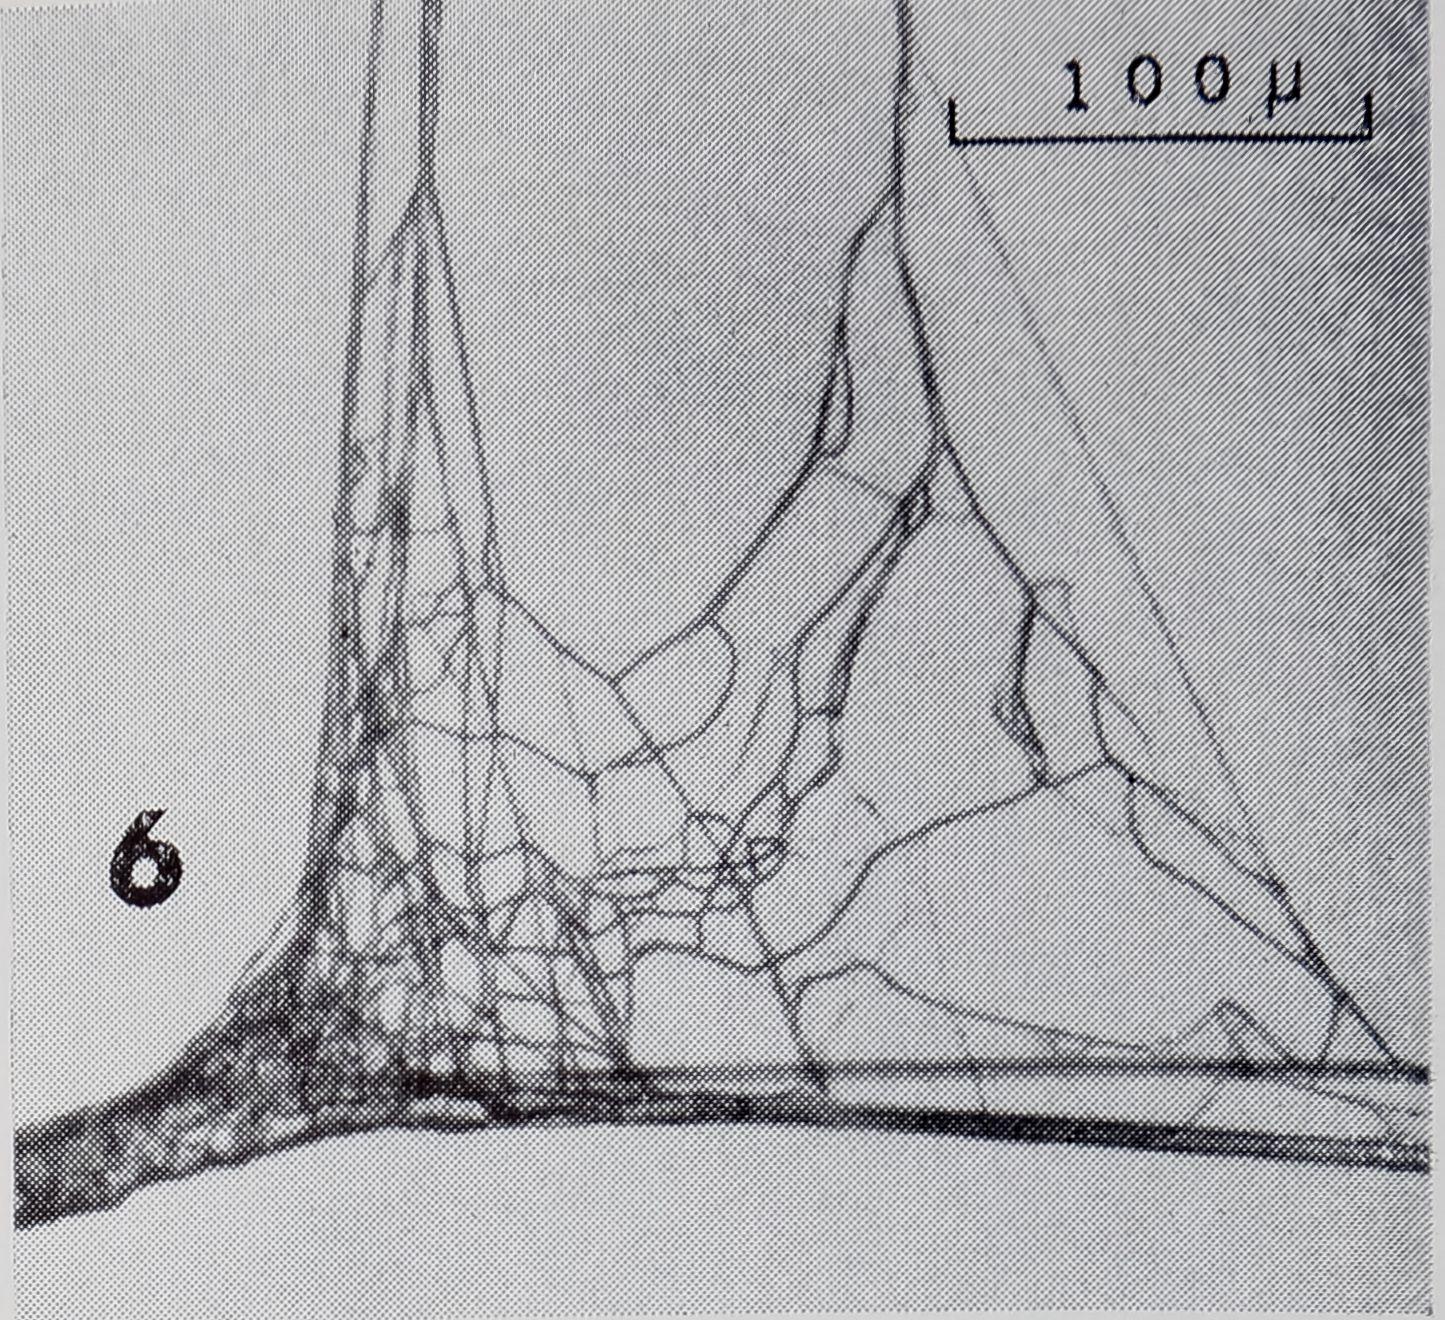 1971-FineStructureOfTheThread-11